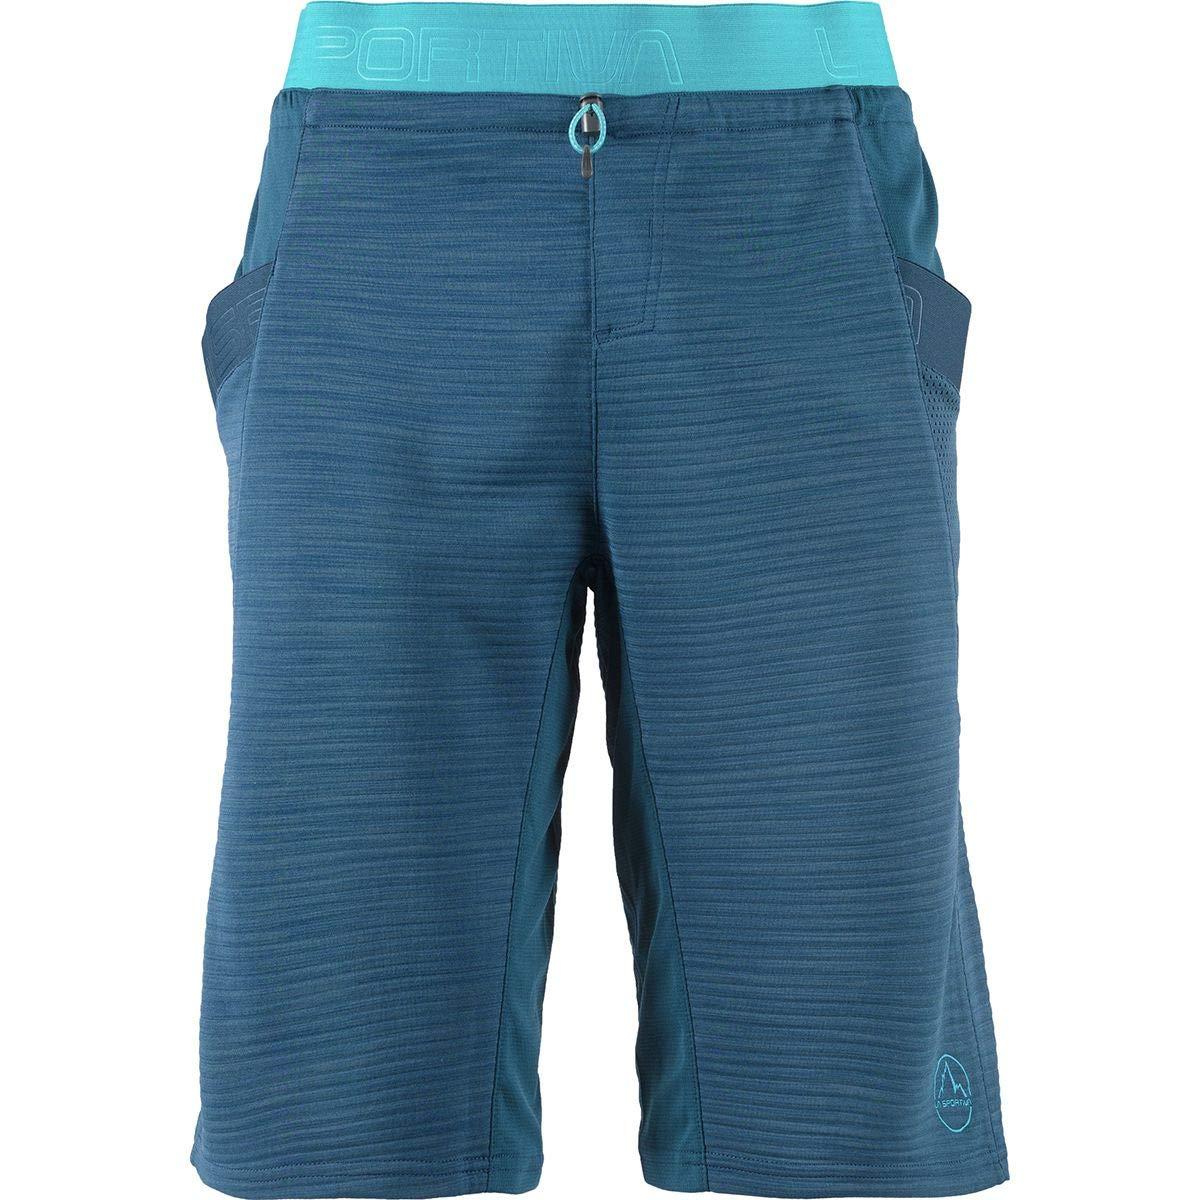 La Sportiva Men's Force Short, Opal, XL by La Sportiva